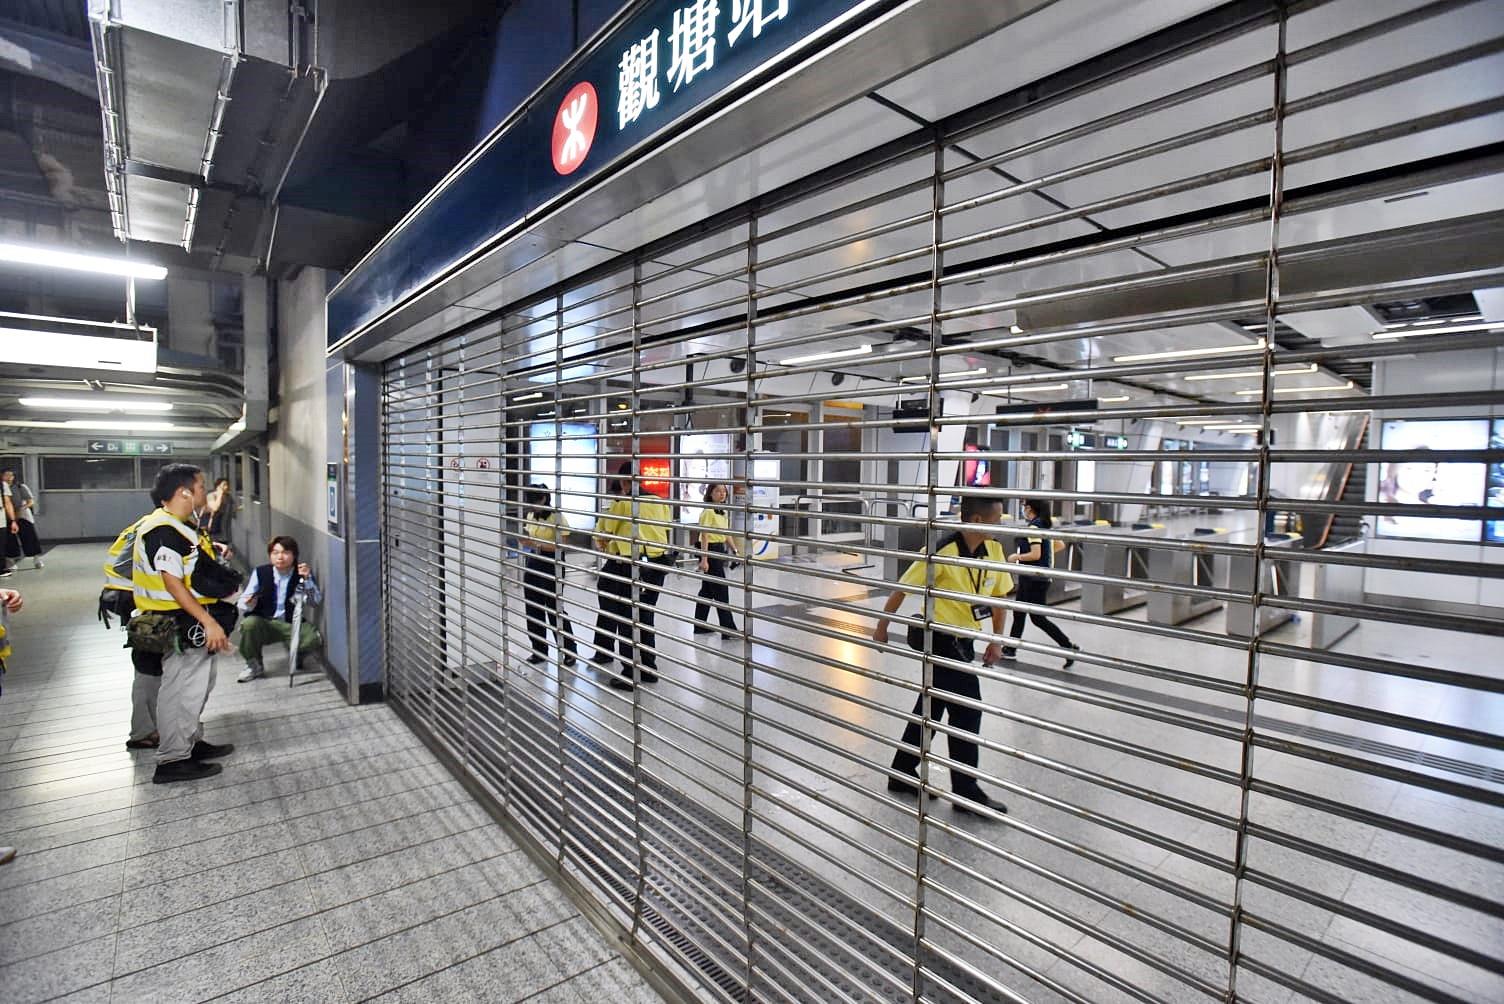 港铁指多个车站受破坏 个別车站今早未必可重开